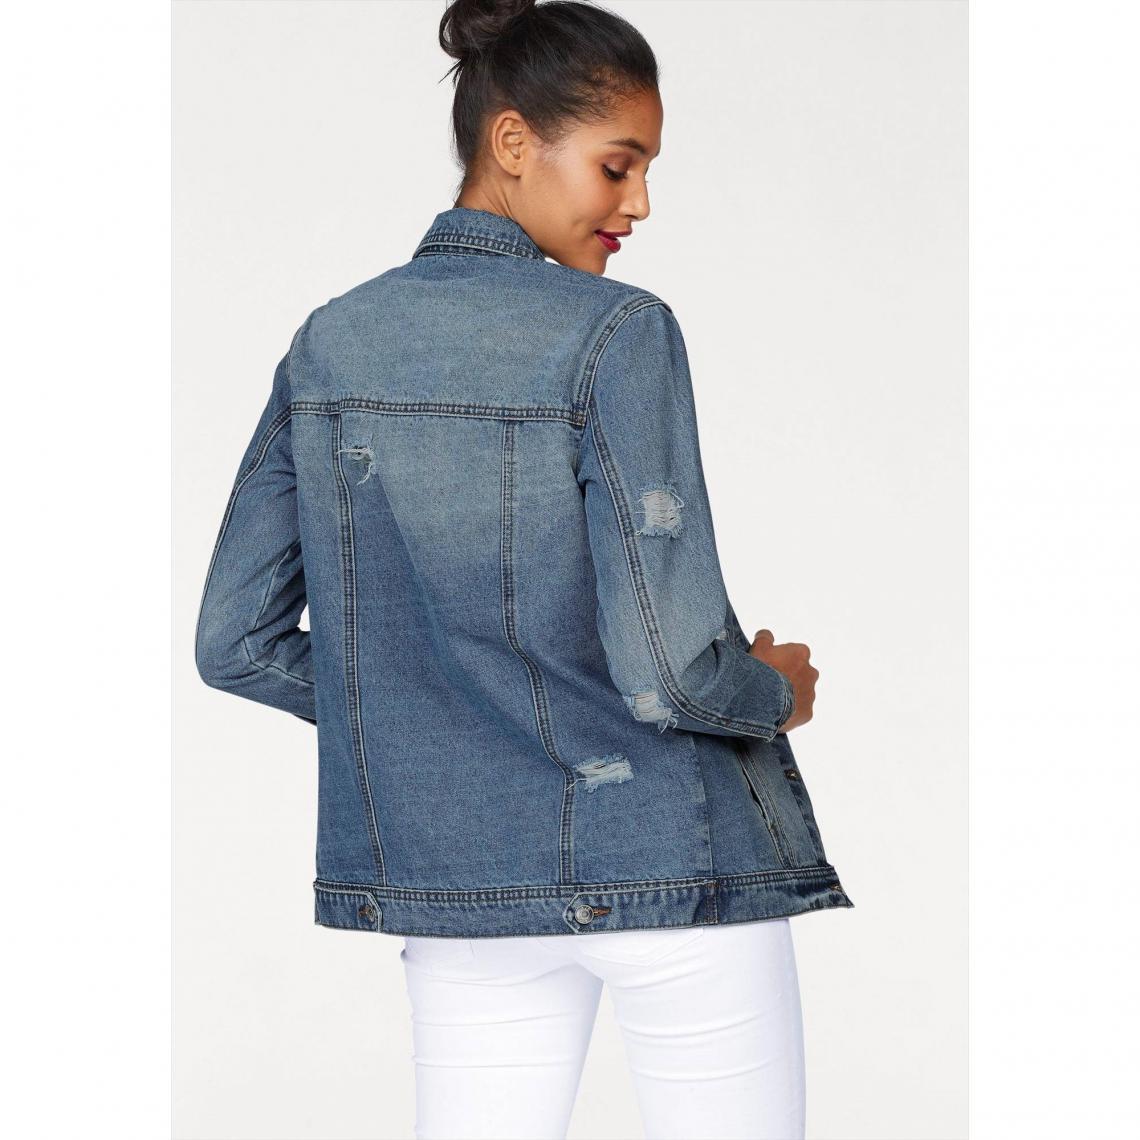 Oversize Femme 3suisses Ajc Jean Used Blue Veste w45cqECRx